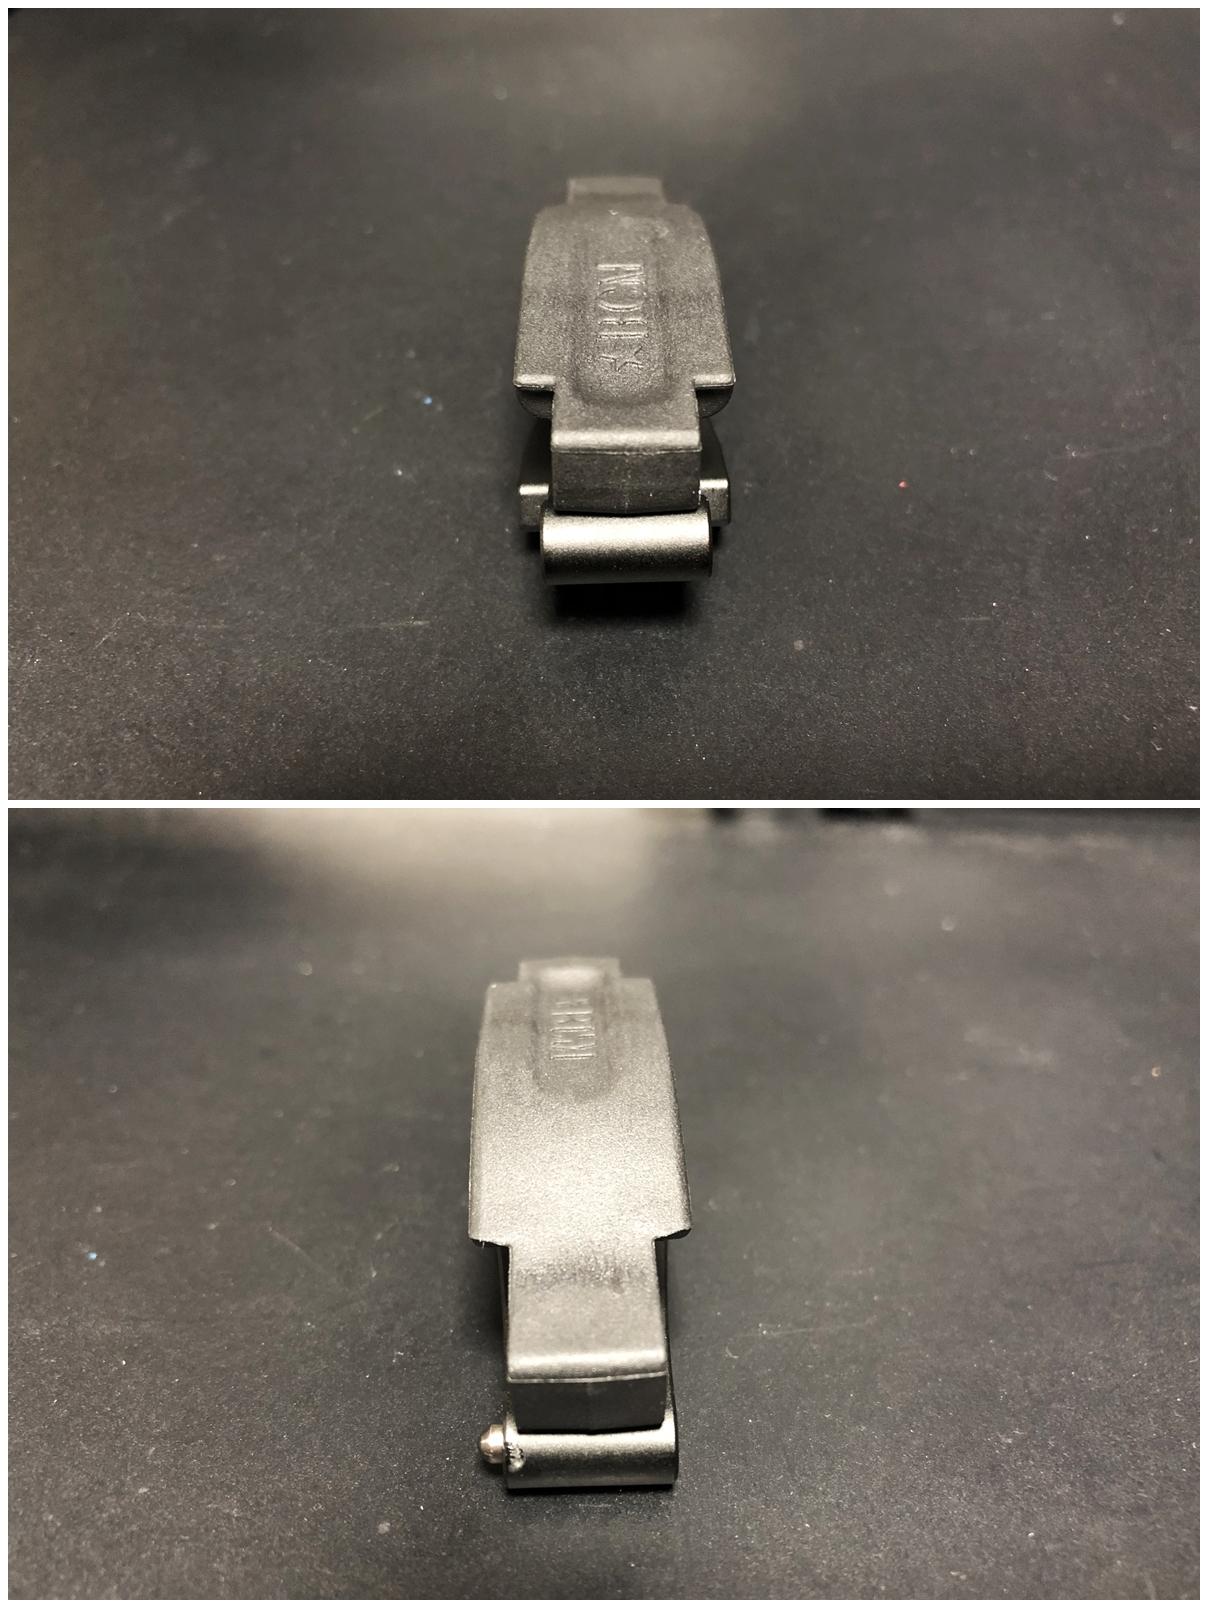 10 実物 BCM GUNFIGHTER TRIGGR GUARD MOD 0 ガンファイタートリガーガード 次世代電動ガンに実物トリガーガードを取付けてやる!! 開封 3Dプリント DIY 加工 交換 取付 正規品 新品 カスタム レビュー